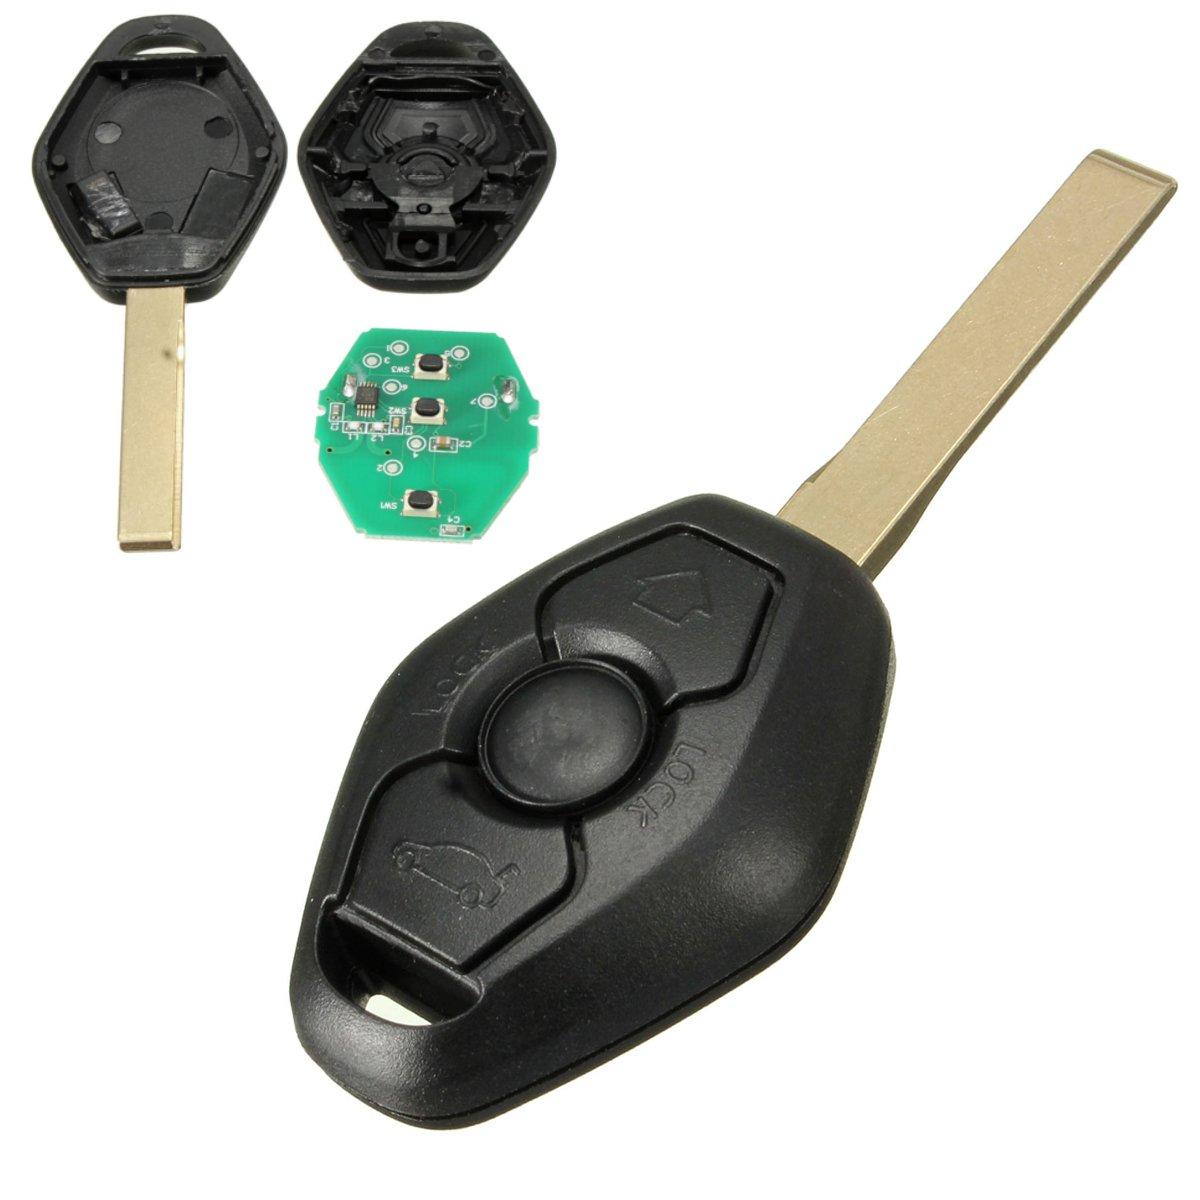 KATUR 3 Buttons Remote Key with Chip ID44 315MHz for BMW Z4 X3 X5 E46 Series 3 5 6 7 Z3 Keyless Entry Fob Case Car Alarm LYSB01JZNMZ00-ELECTRNCS